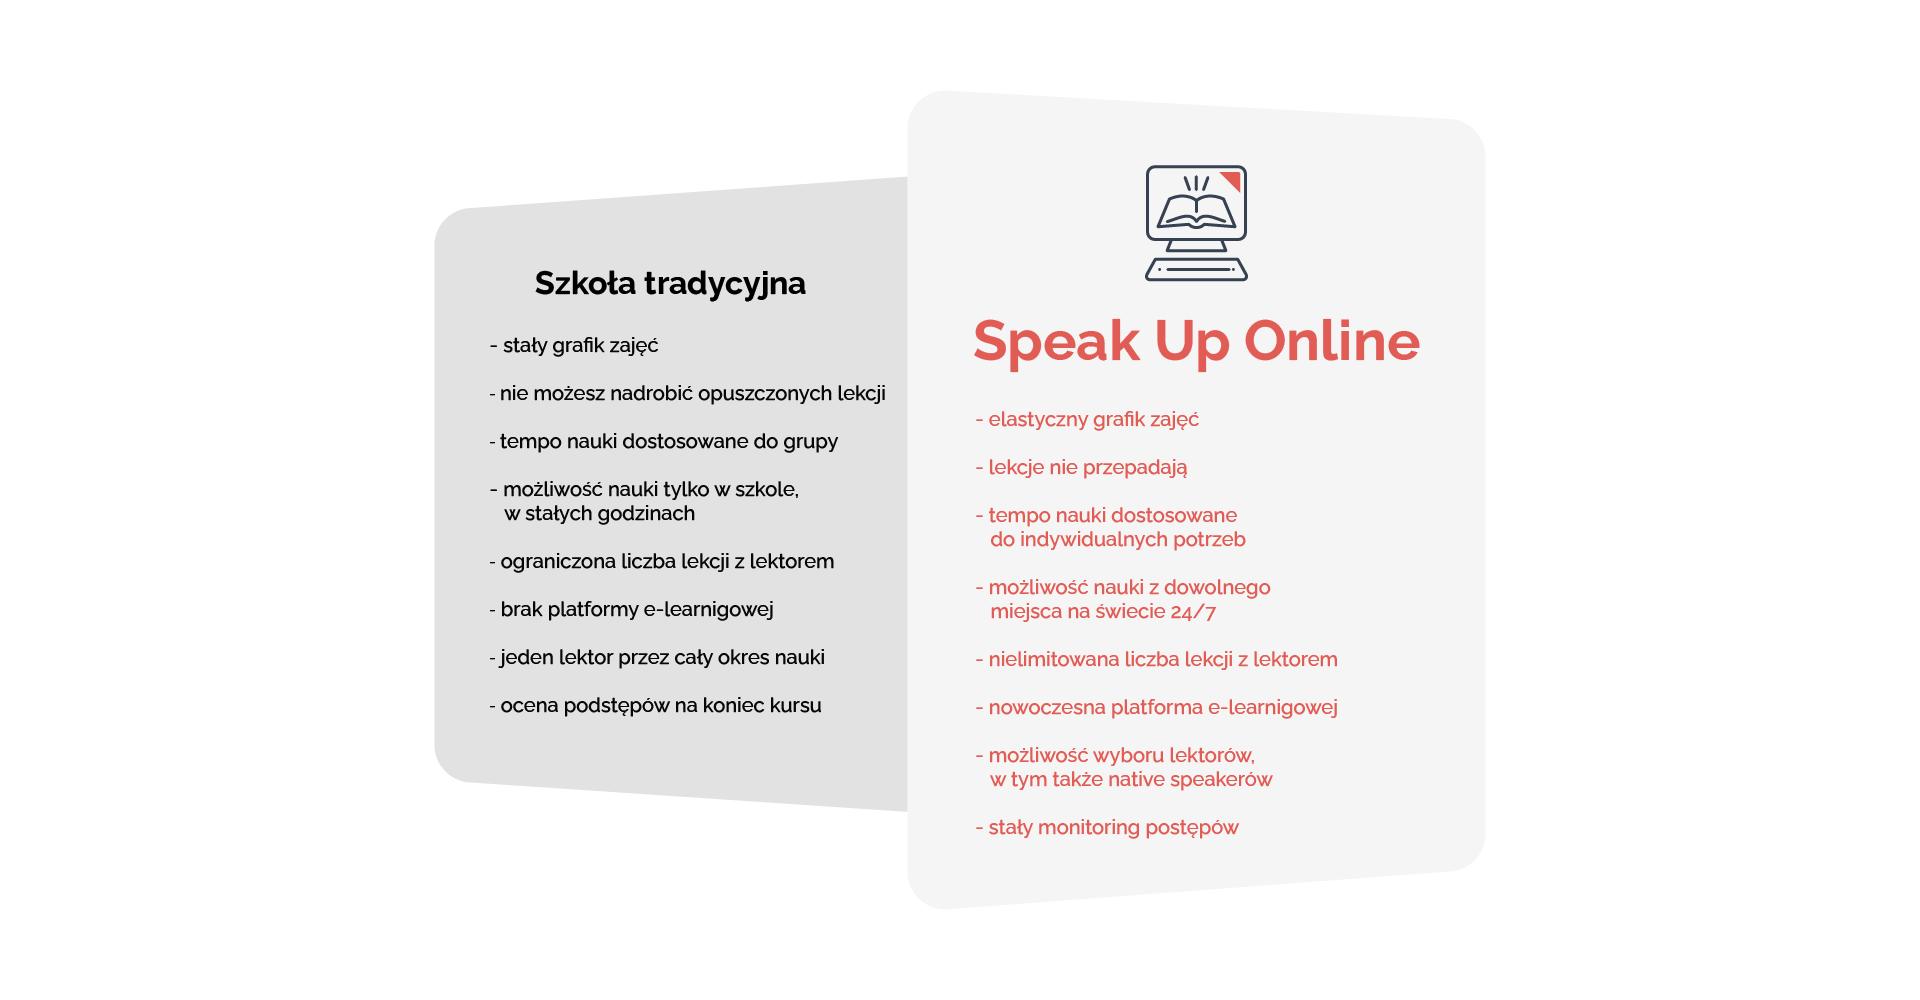 szkoła-tradycyjna_vs_su-online